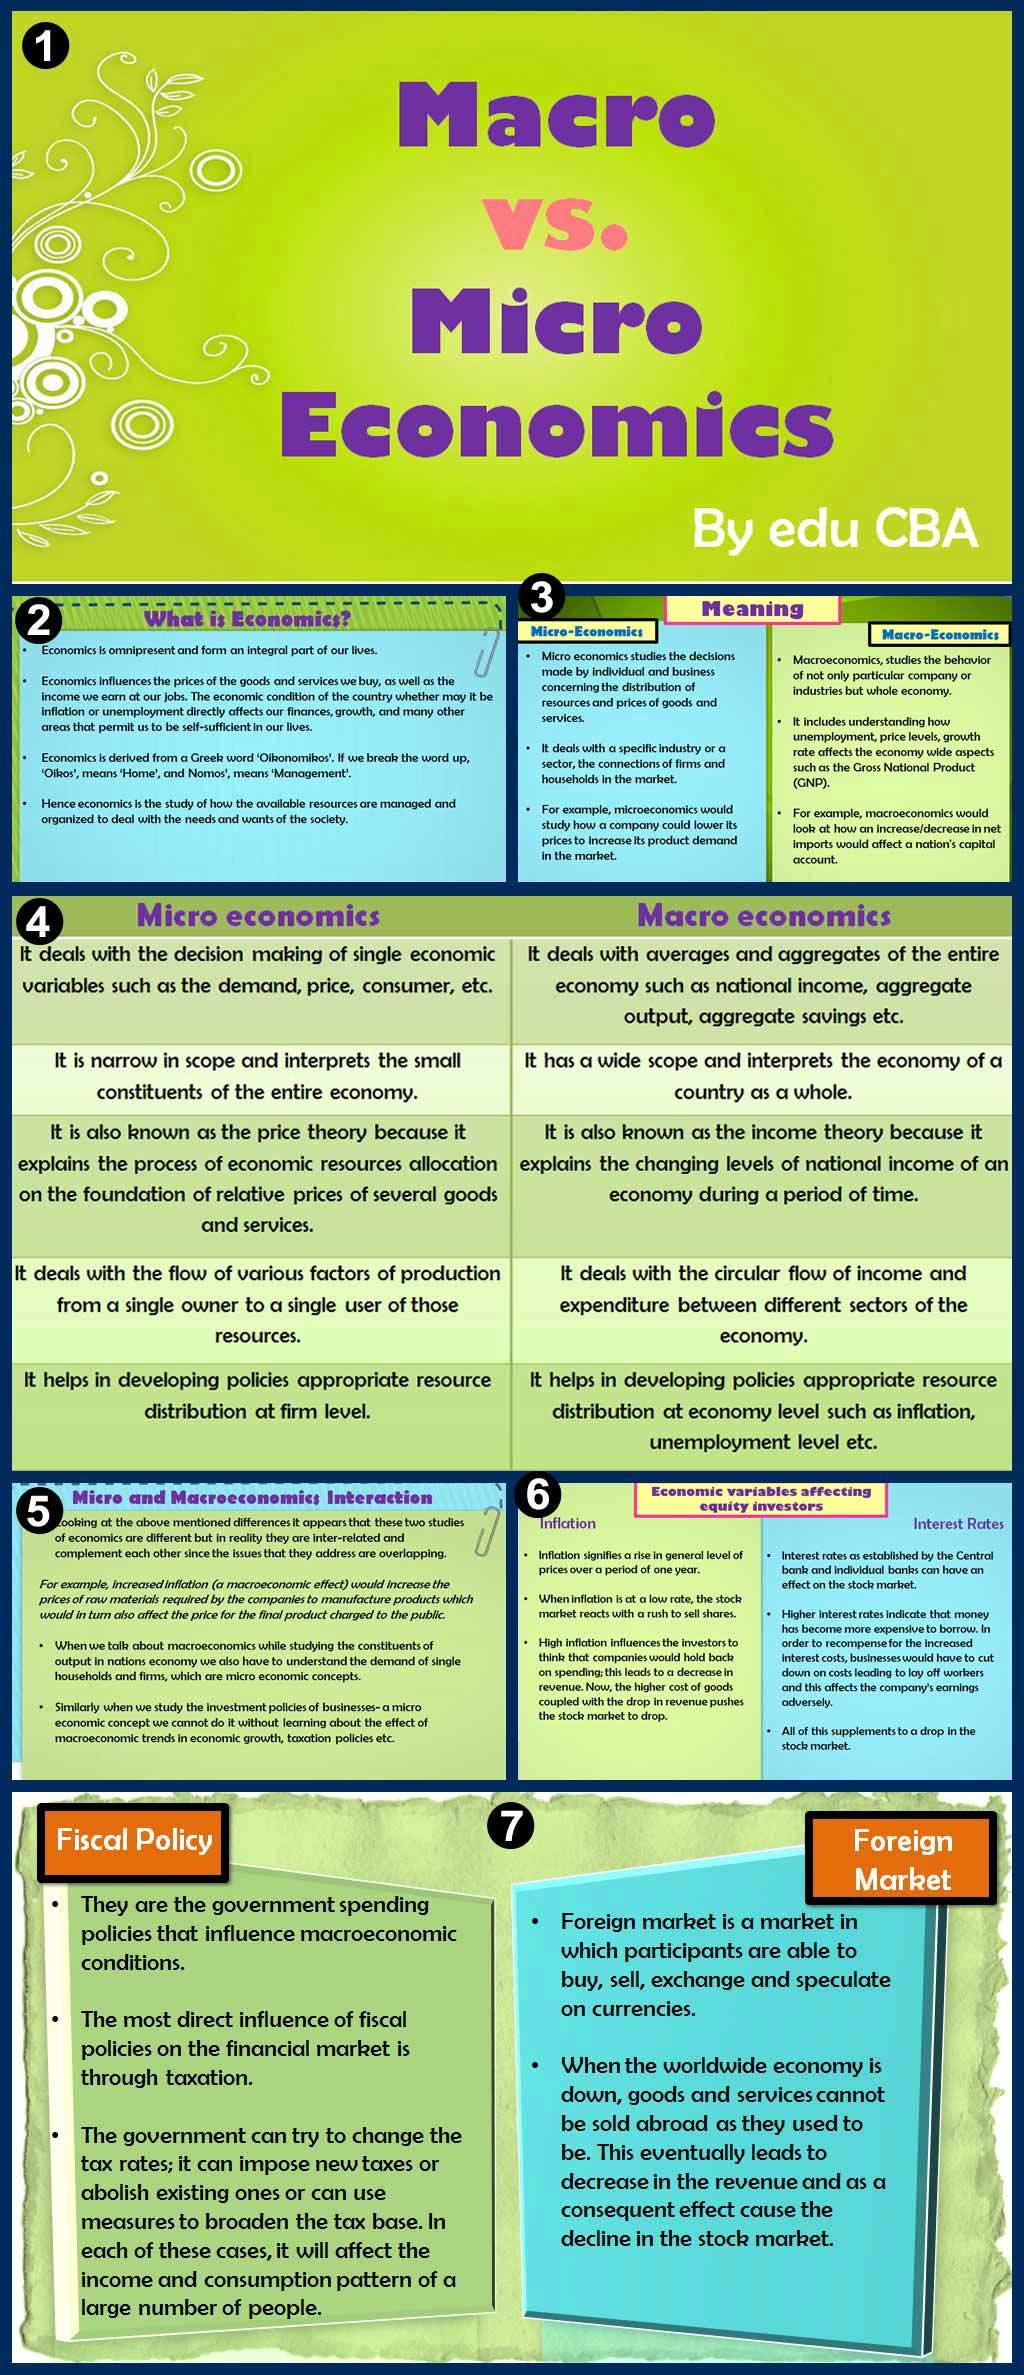 macroeconomics-vs-microeconomics